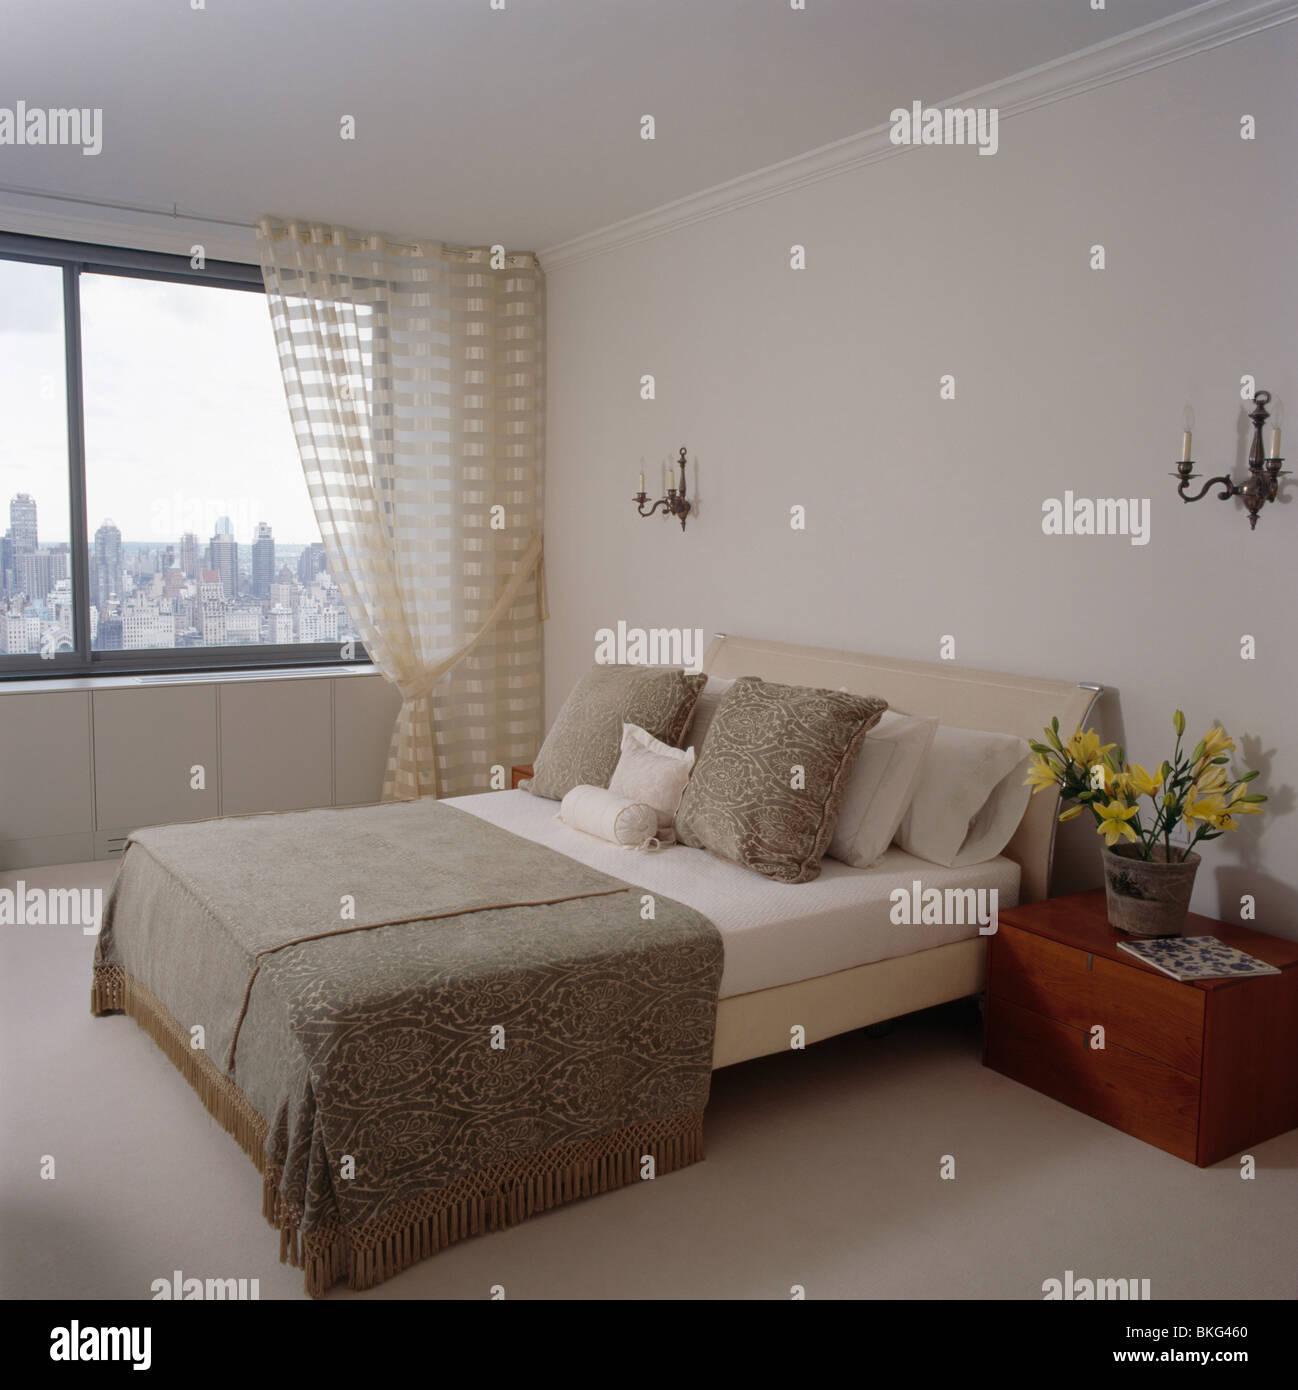 Beige Wurf Und Creme Bettwäsche Auf Bett Im Schlafzimmer Moderne Stadt Mit  Gemusterten Cremefarbenen Voile Vorhänge Am Fenster